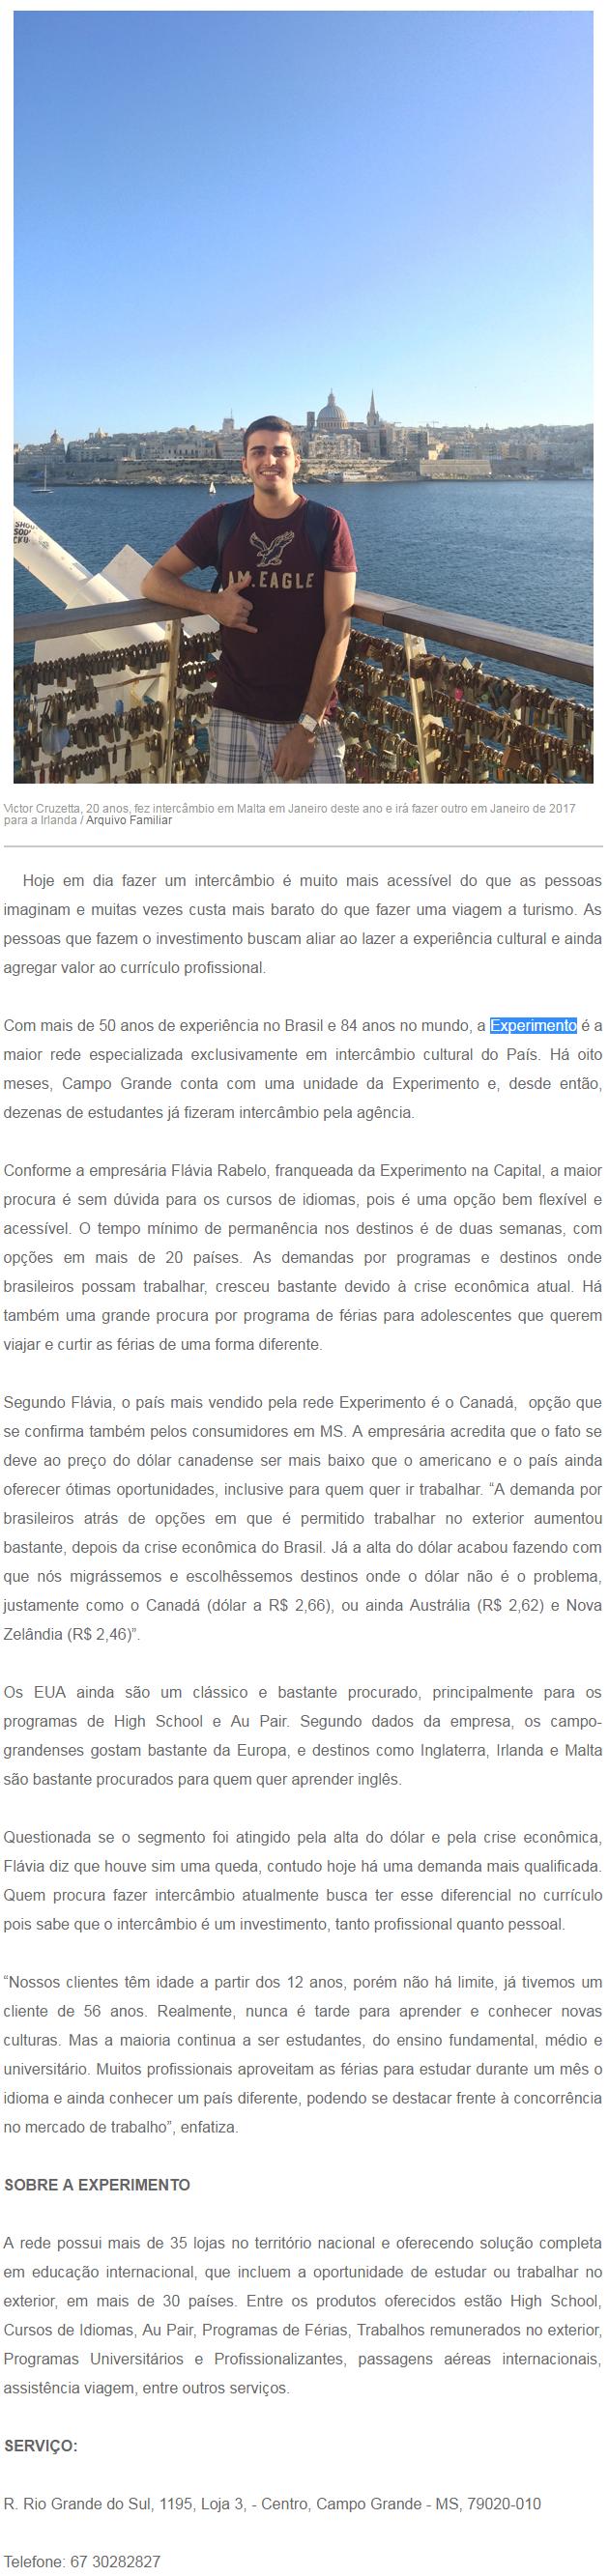 A Critica Campo Grande_190716_1